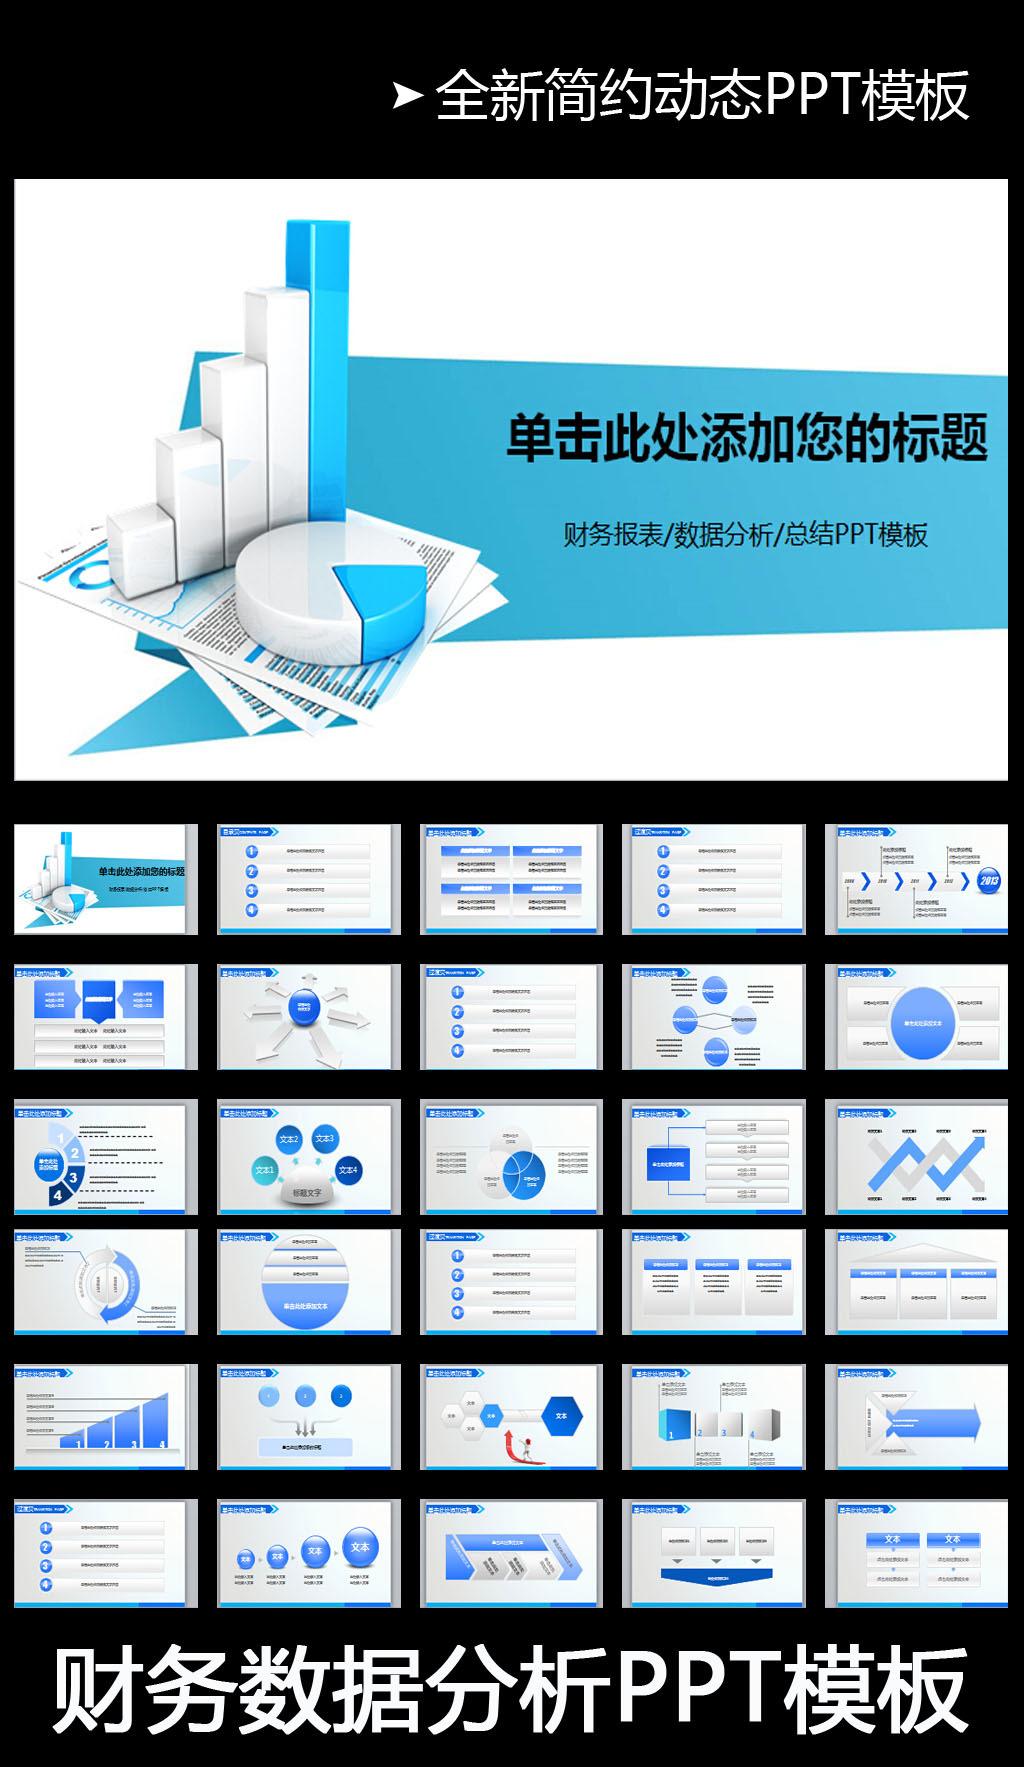 市场销售财务数据分析统计调研市场ppt模板下载(图片